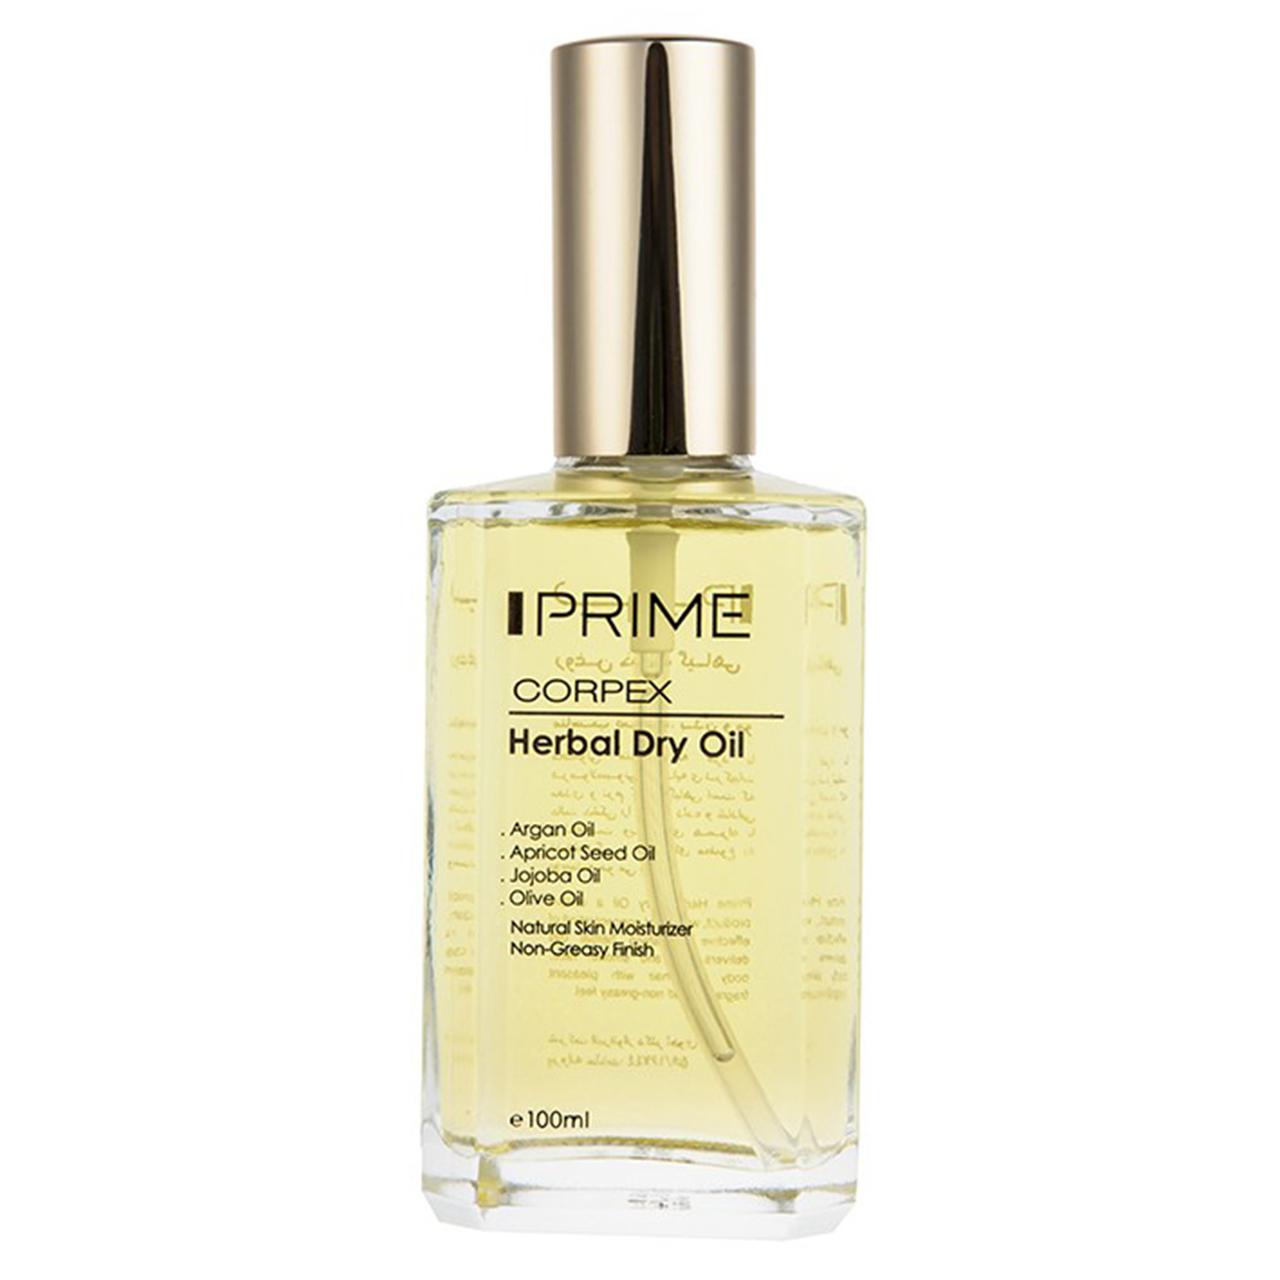 قیمت روغن پوست و مو پریم سری Corpex مدل Herbal Dry حجم 100 میلی لیتر